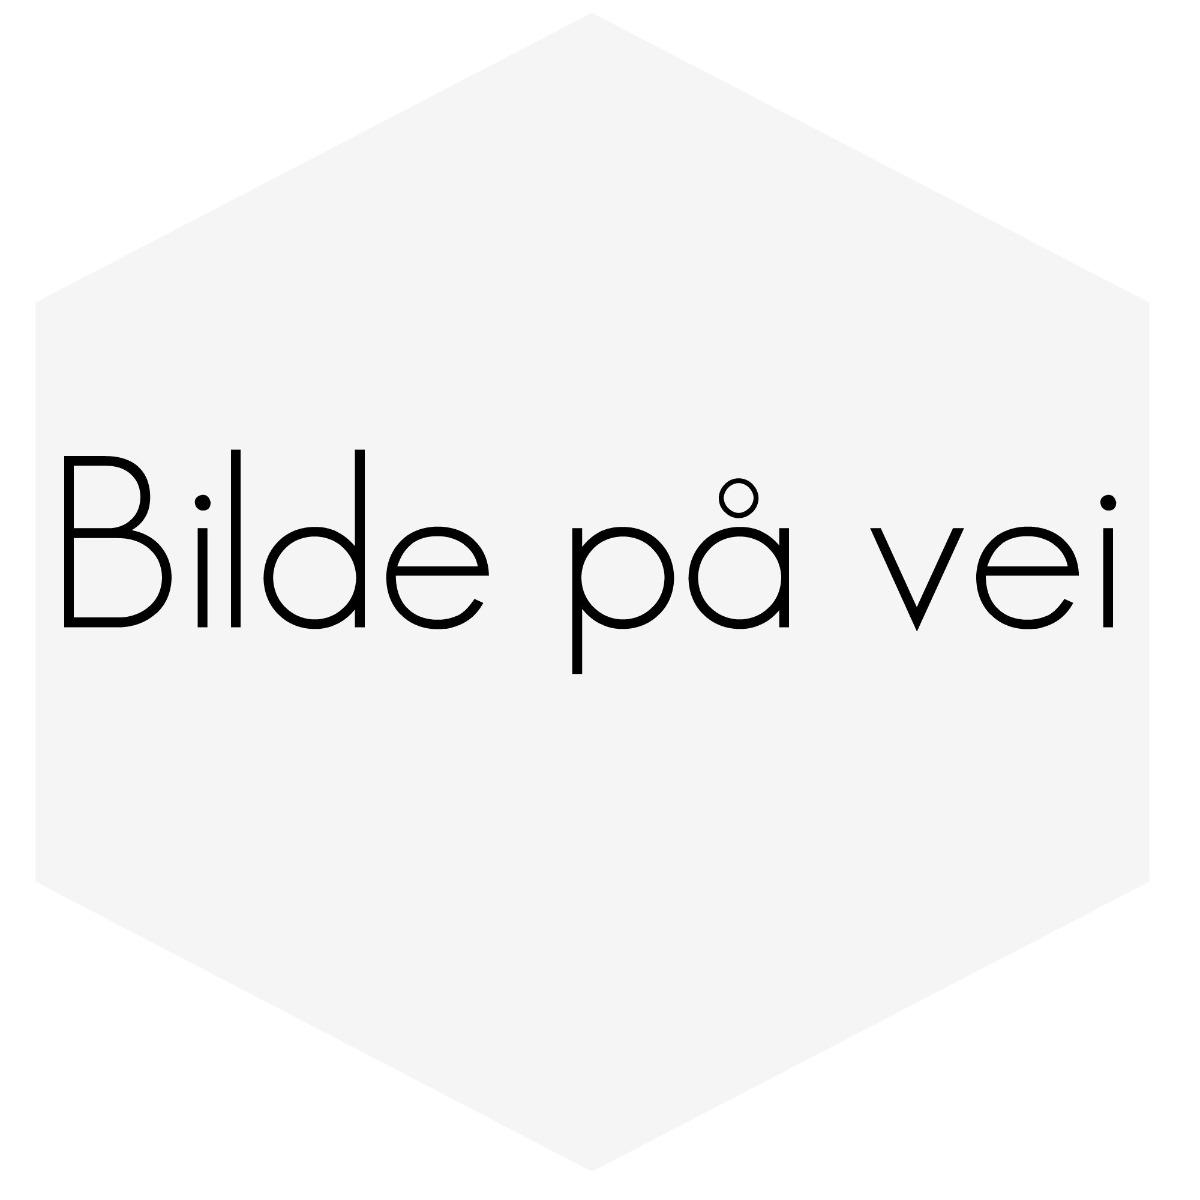 SILIKONSLANGE SVART FLEXIBEL GLATT 1,125'' (28MM)